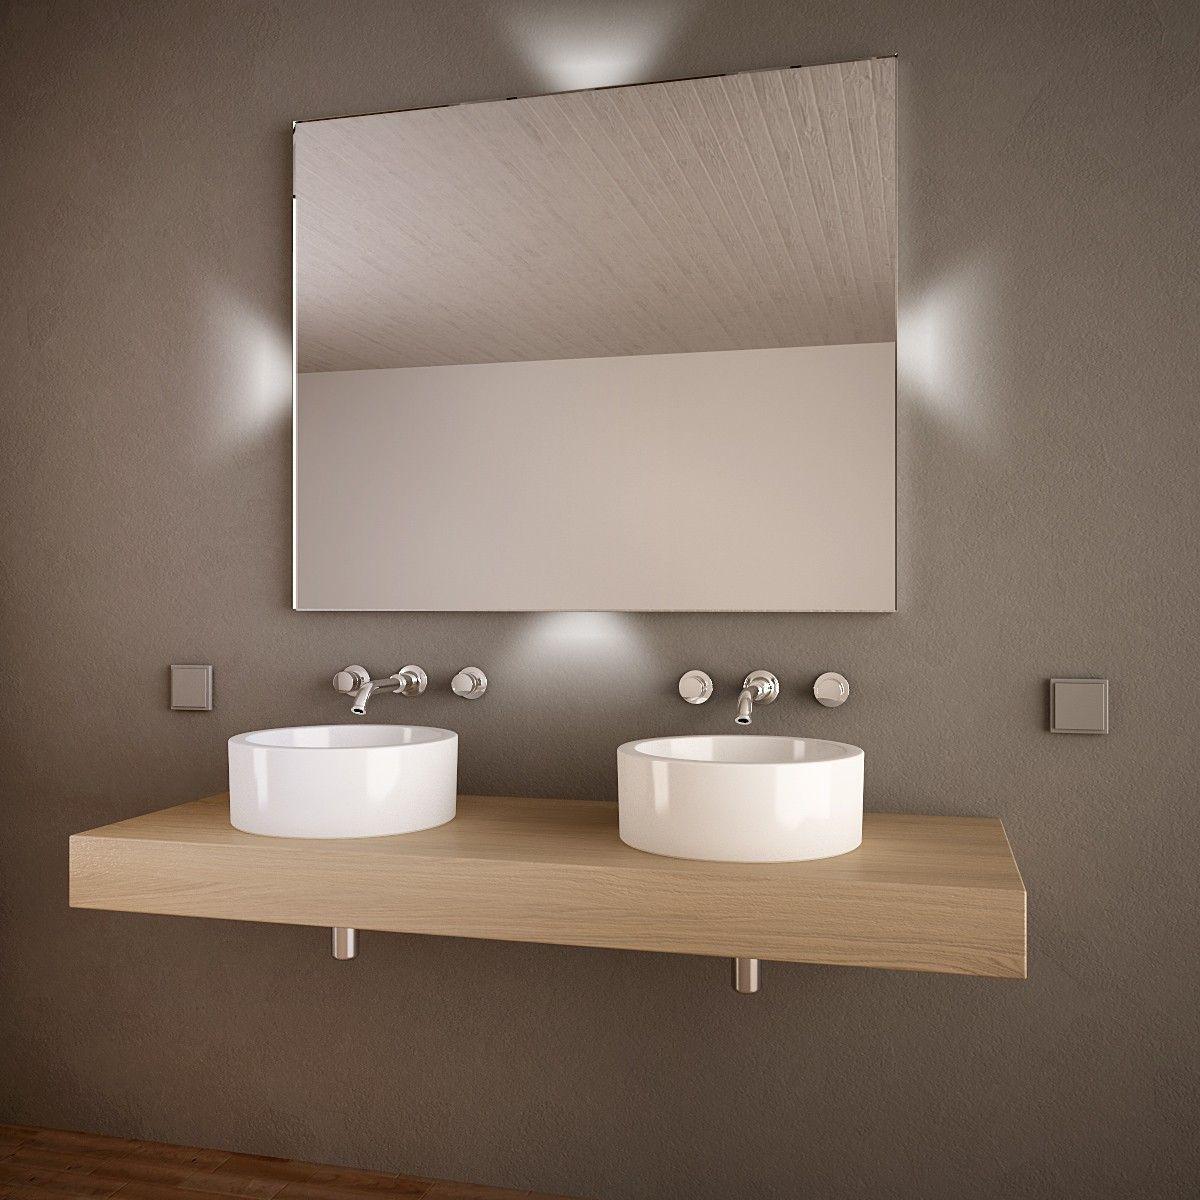 Badezimmerspiegel Led Lucerna Badezimmerspiegel Badezimmerspiegel Led Wc Spiegel